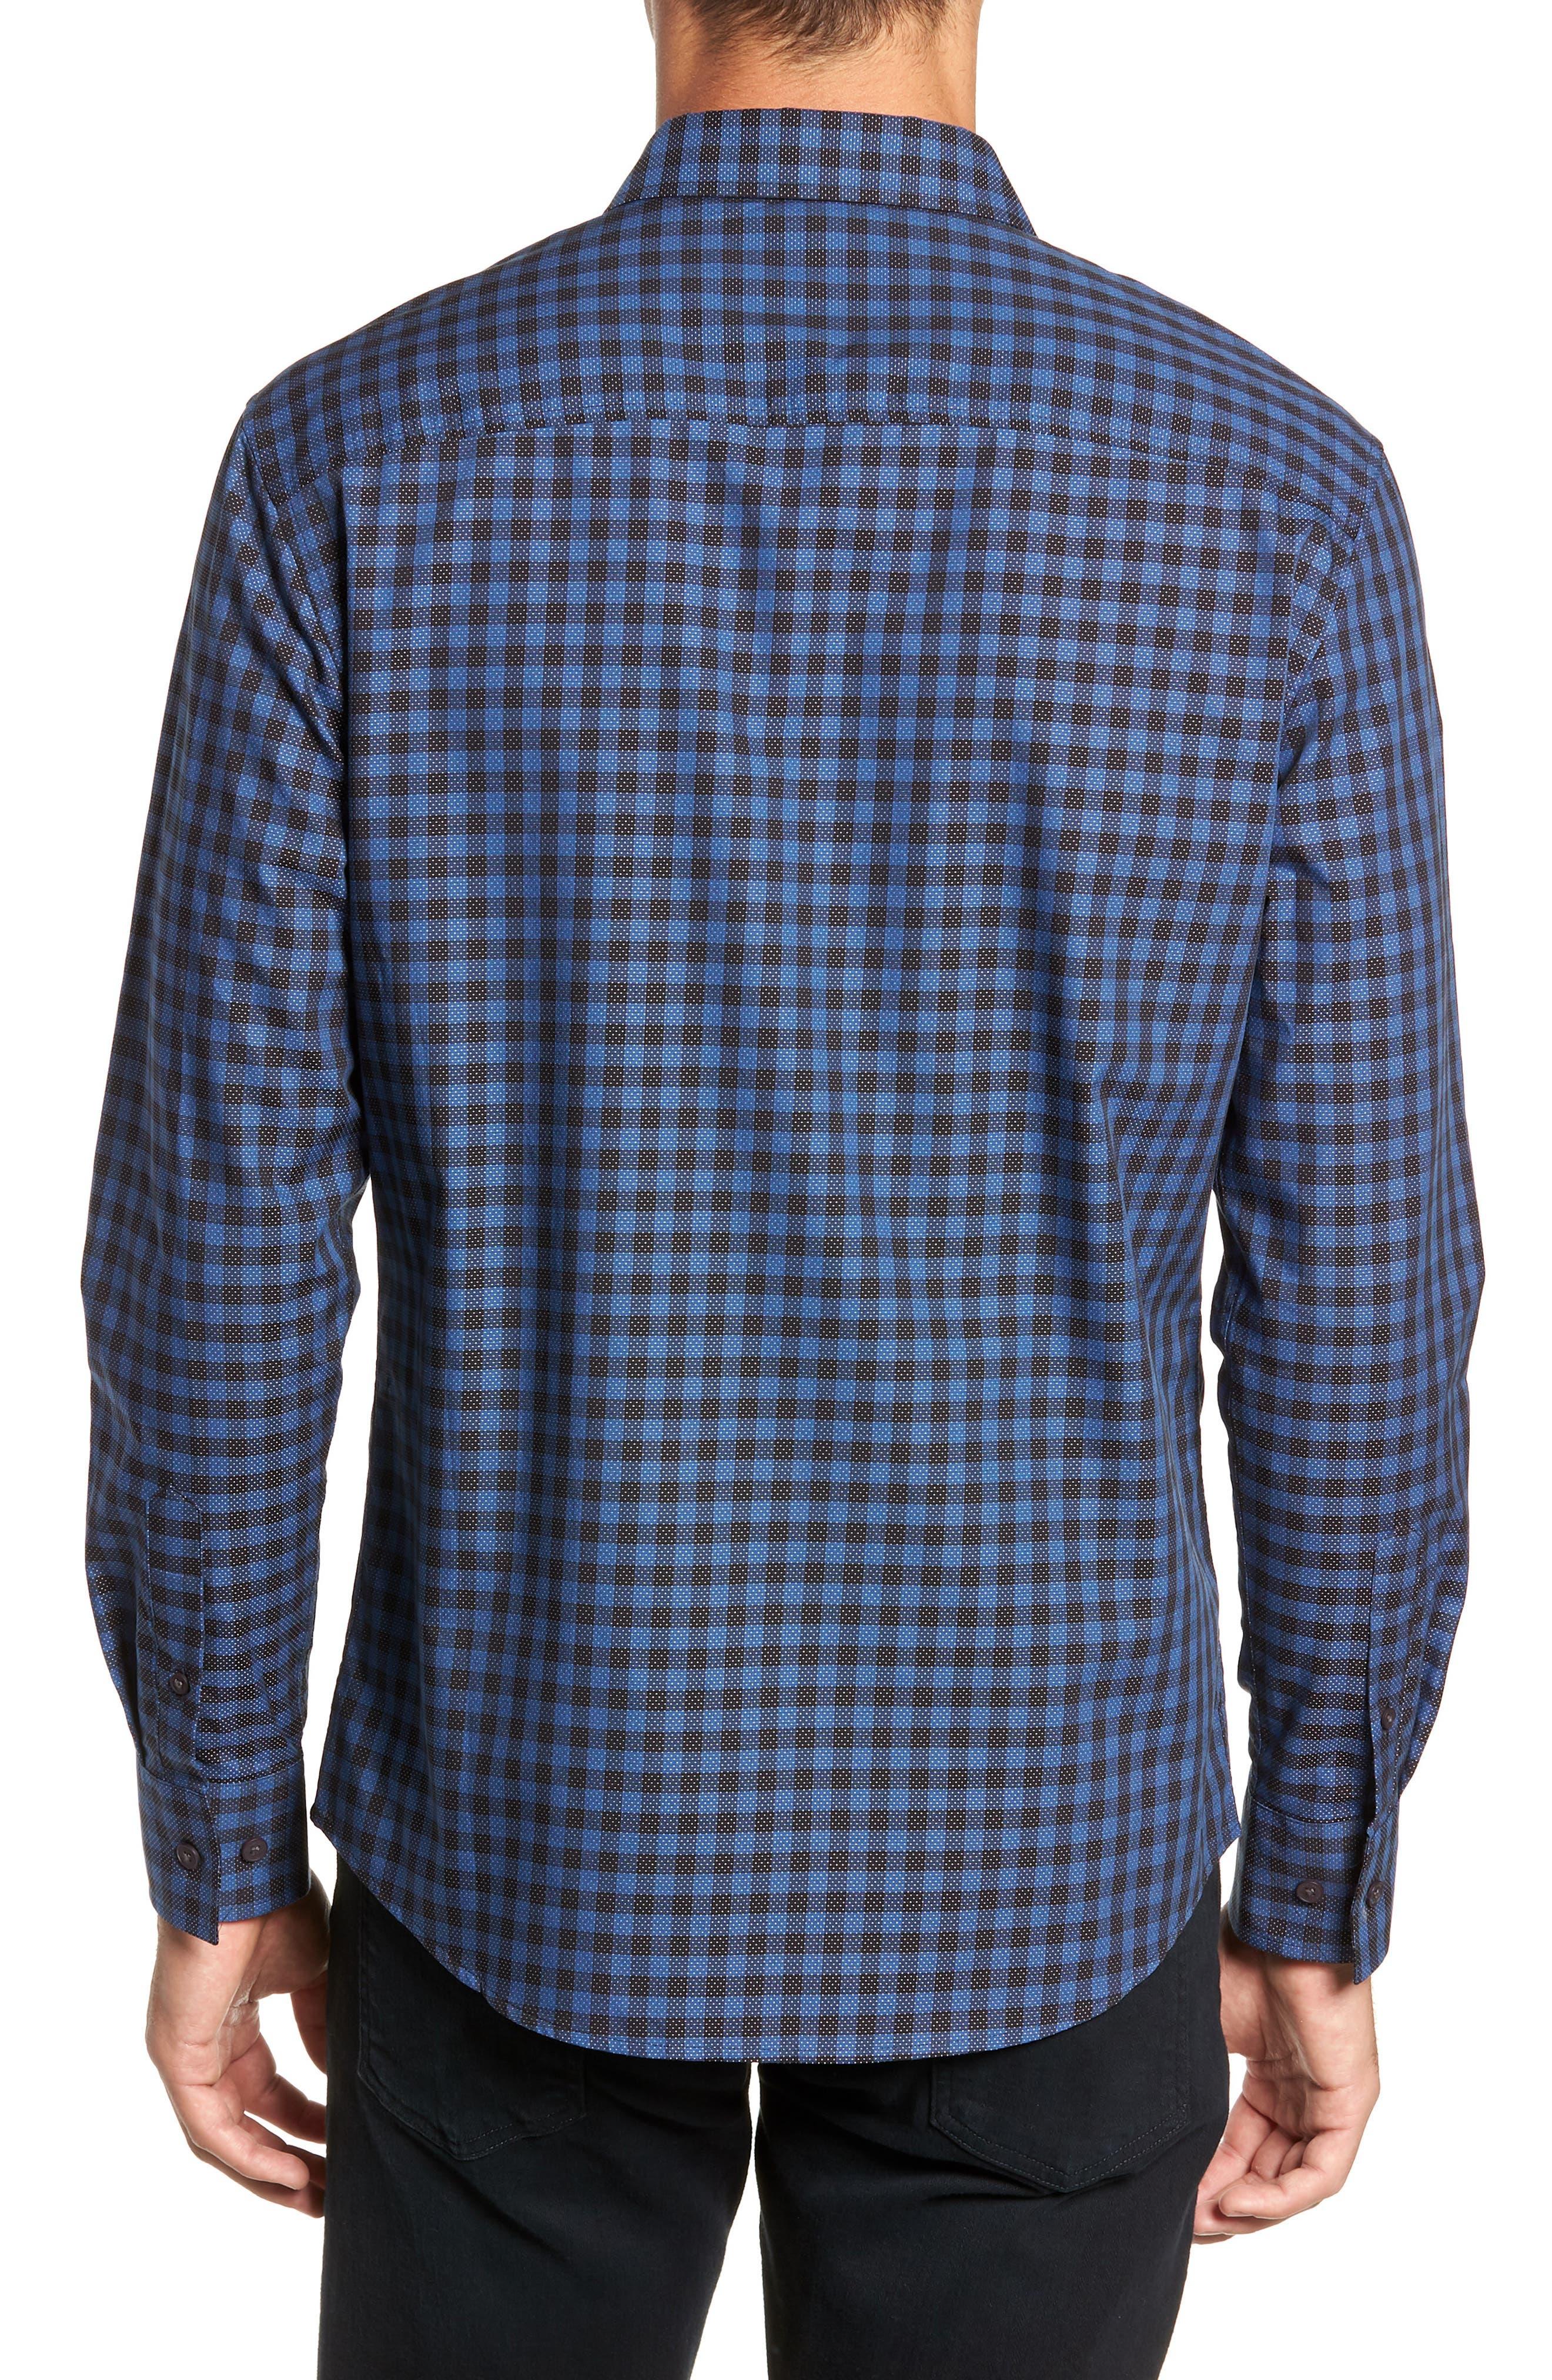 Long Sleeve Check & Dobby Sport Shirt,                             Alternate thumbnail 3, color,                             BLUE BLACK CHECK WHITE DOBBY